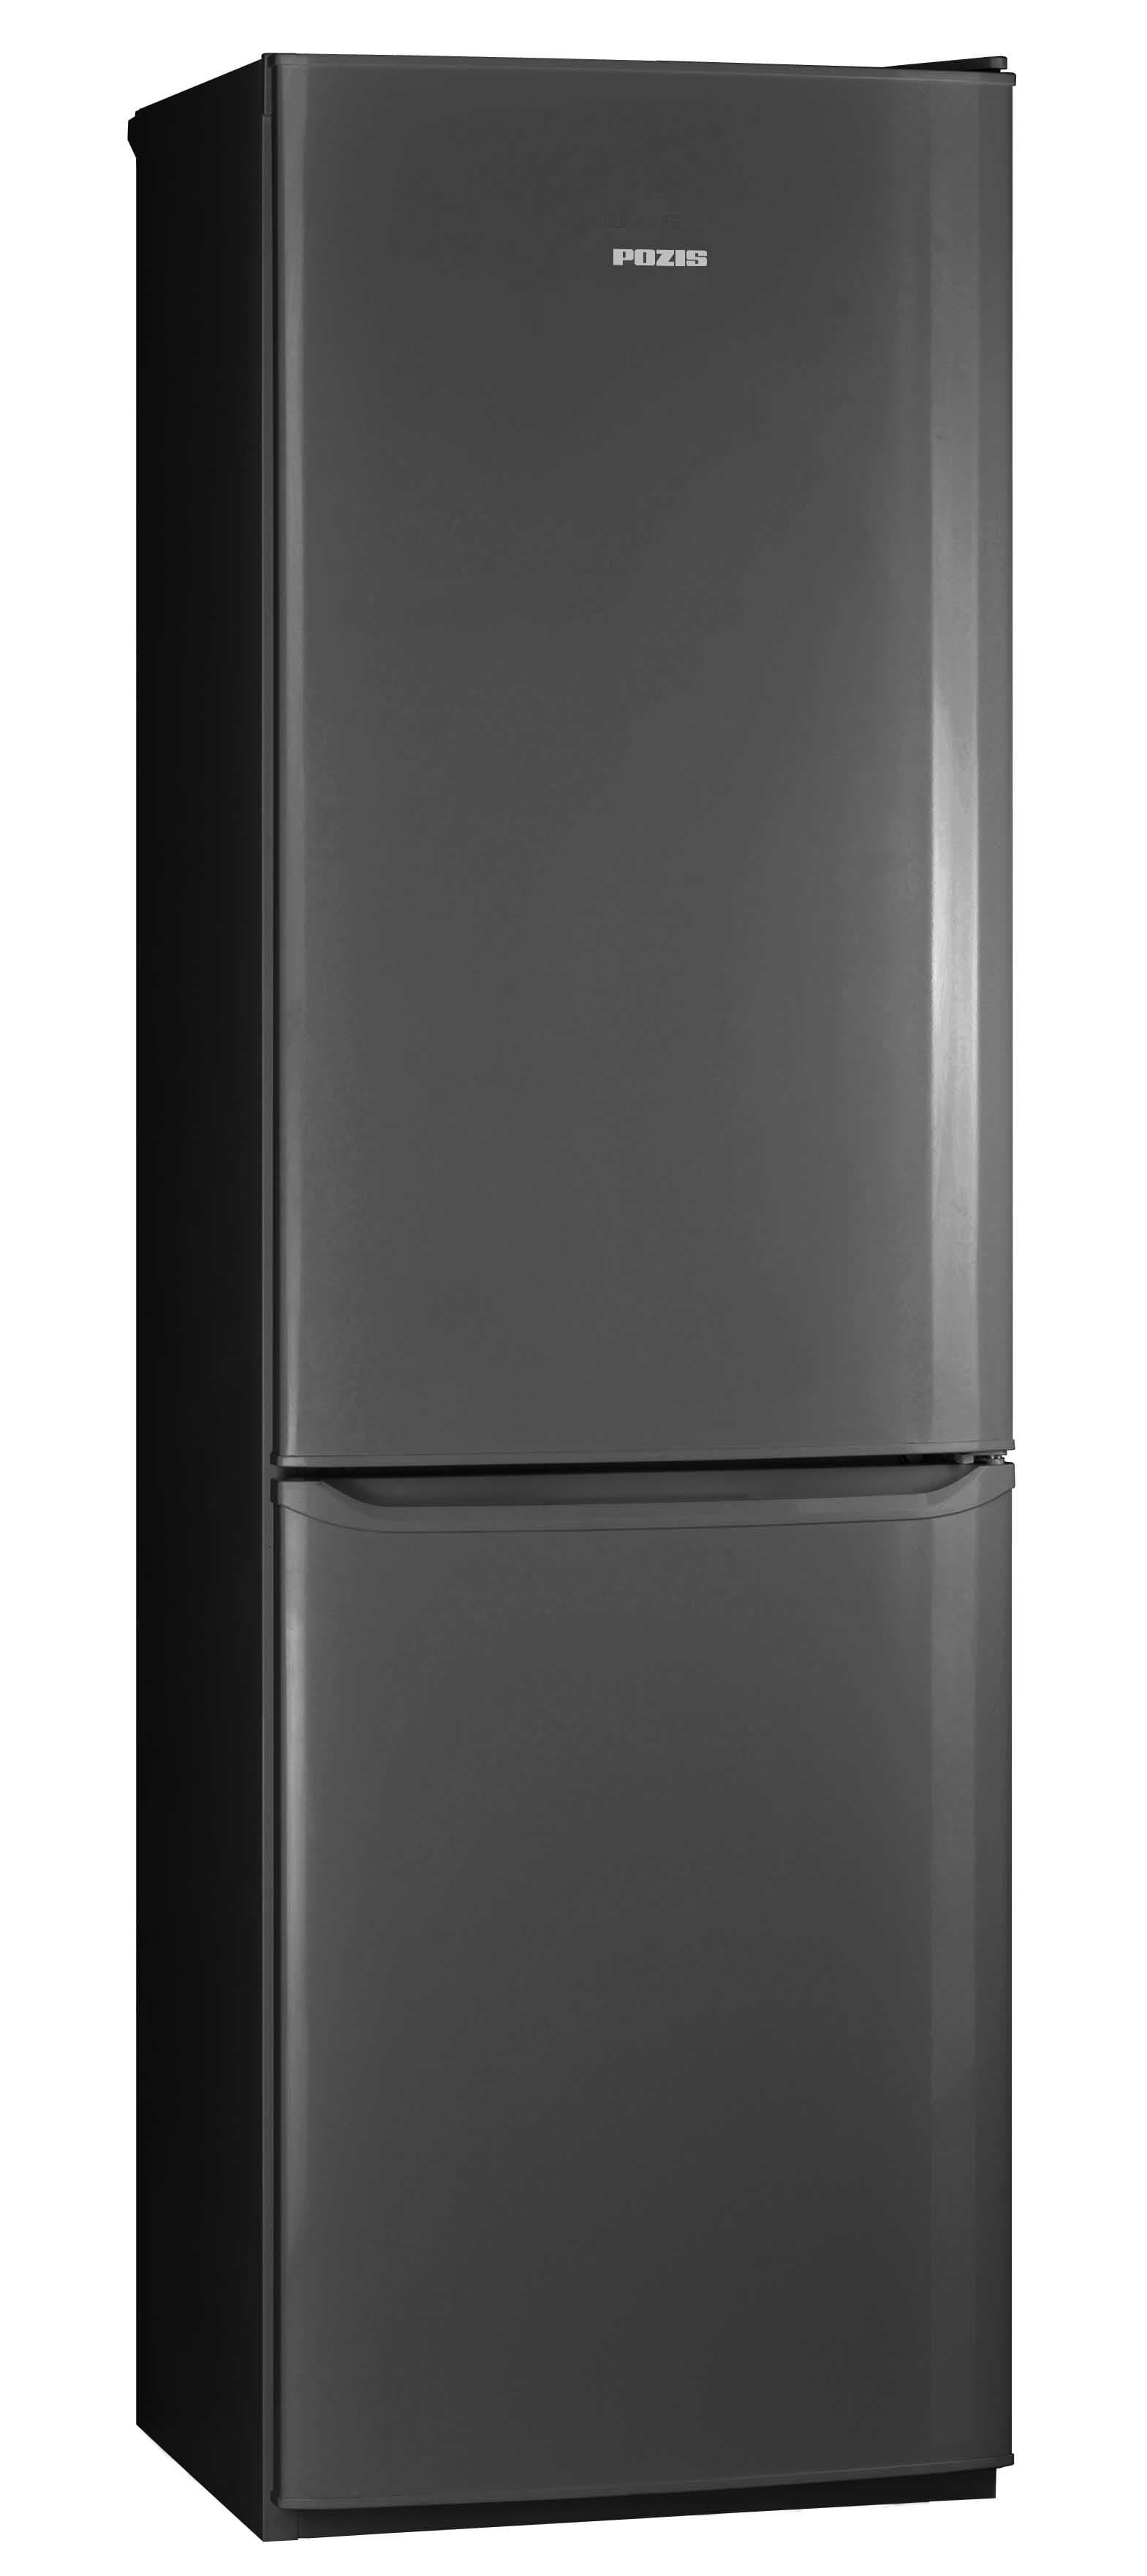 Шкаф холодильный RD-149 графтовый